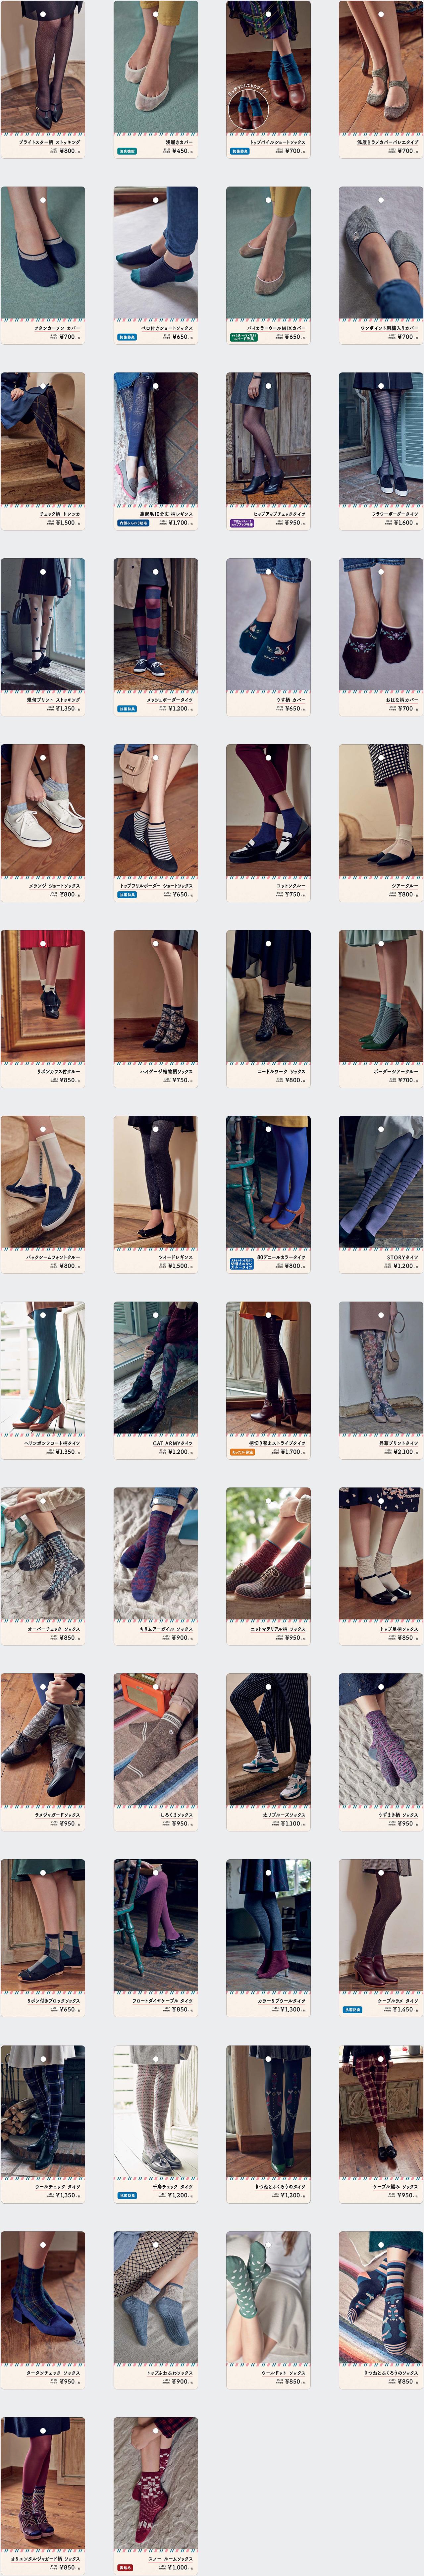 14100_world_leggings